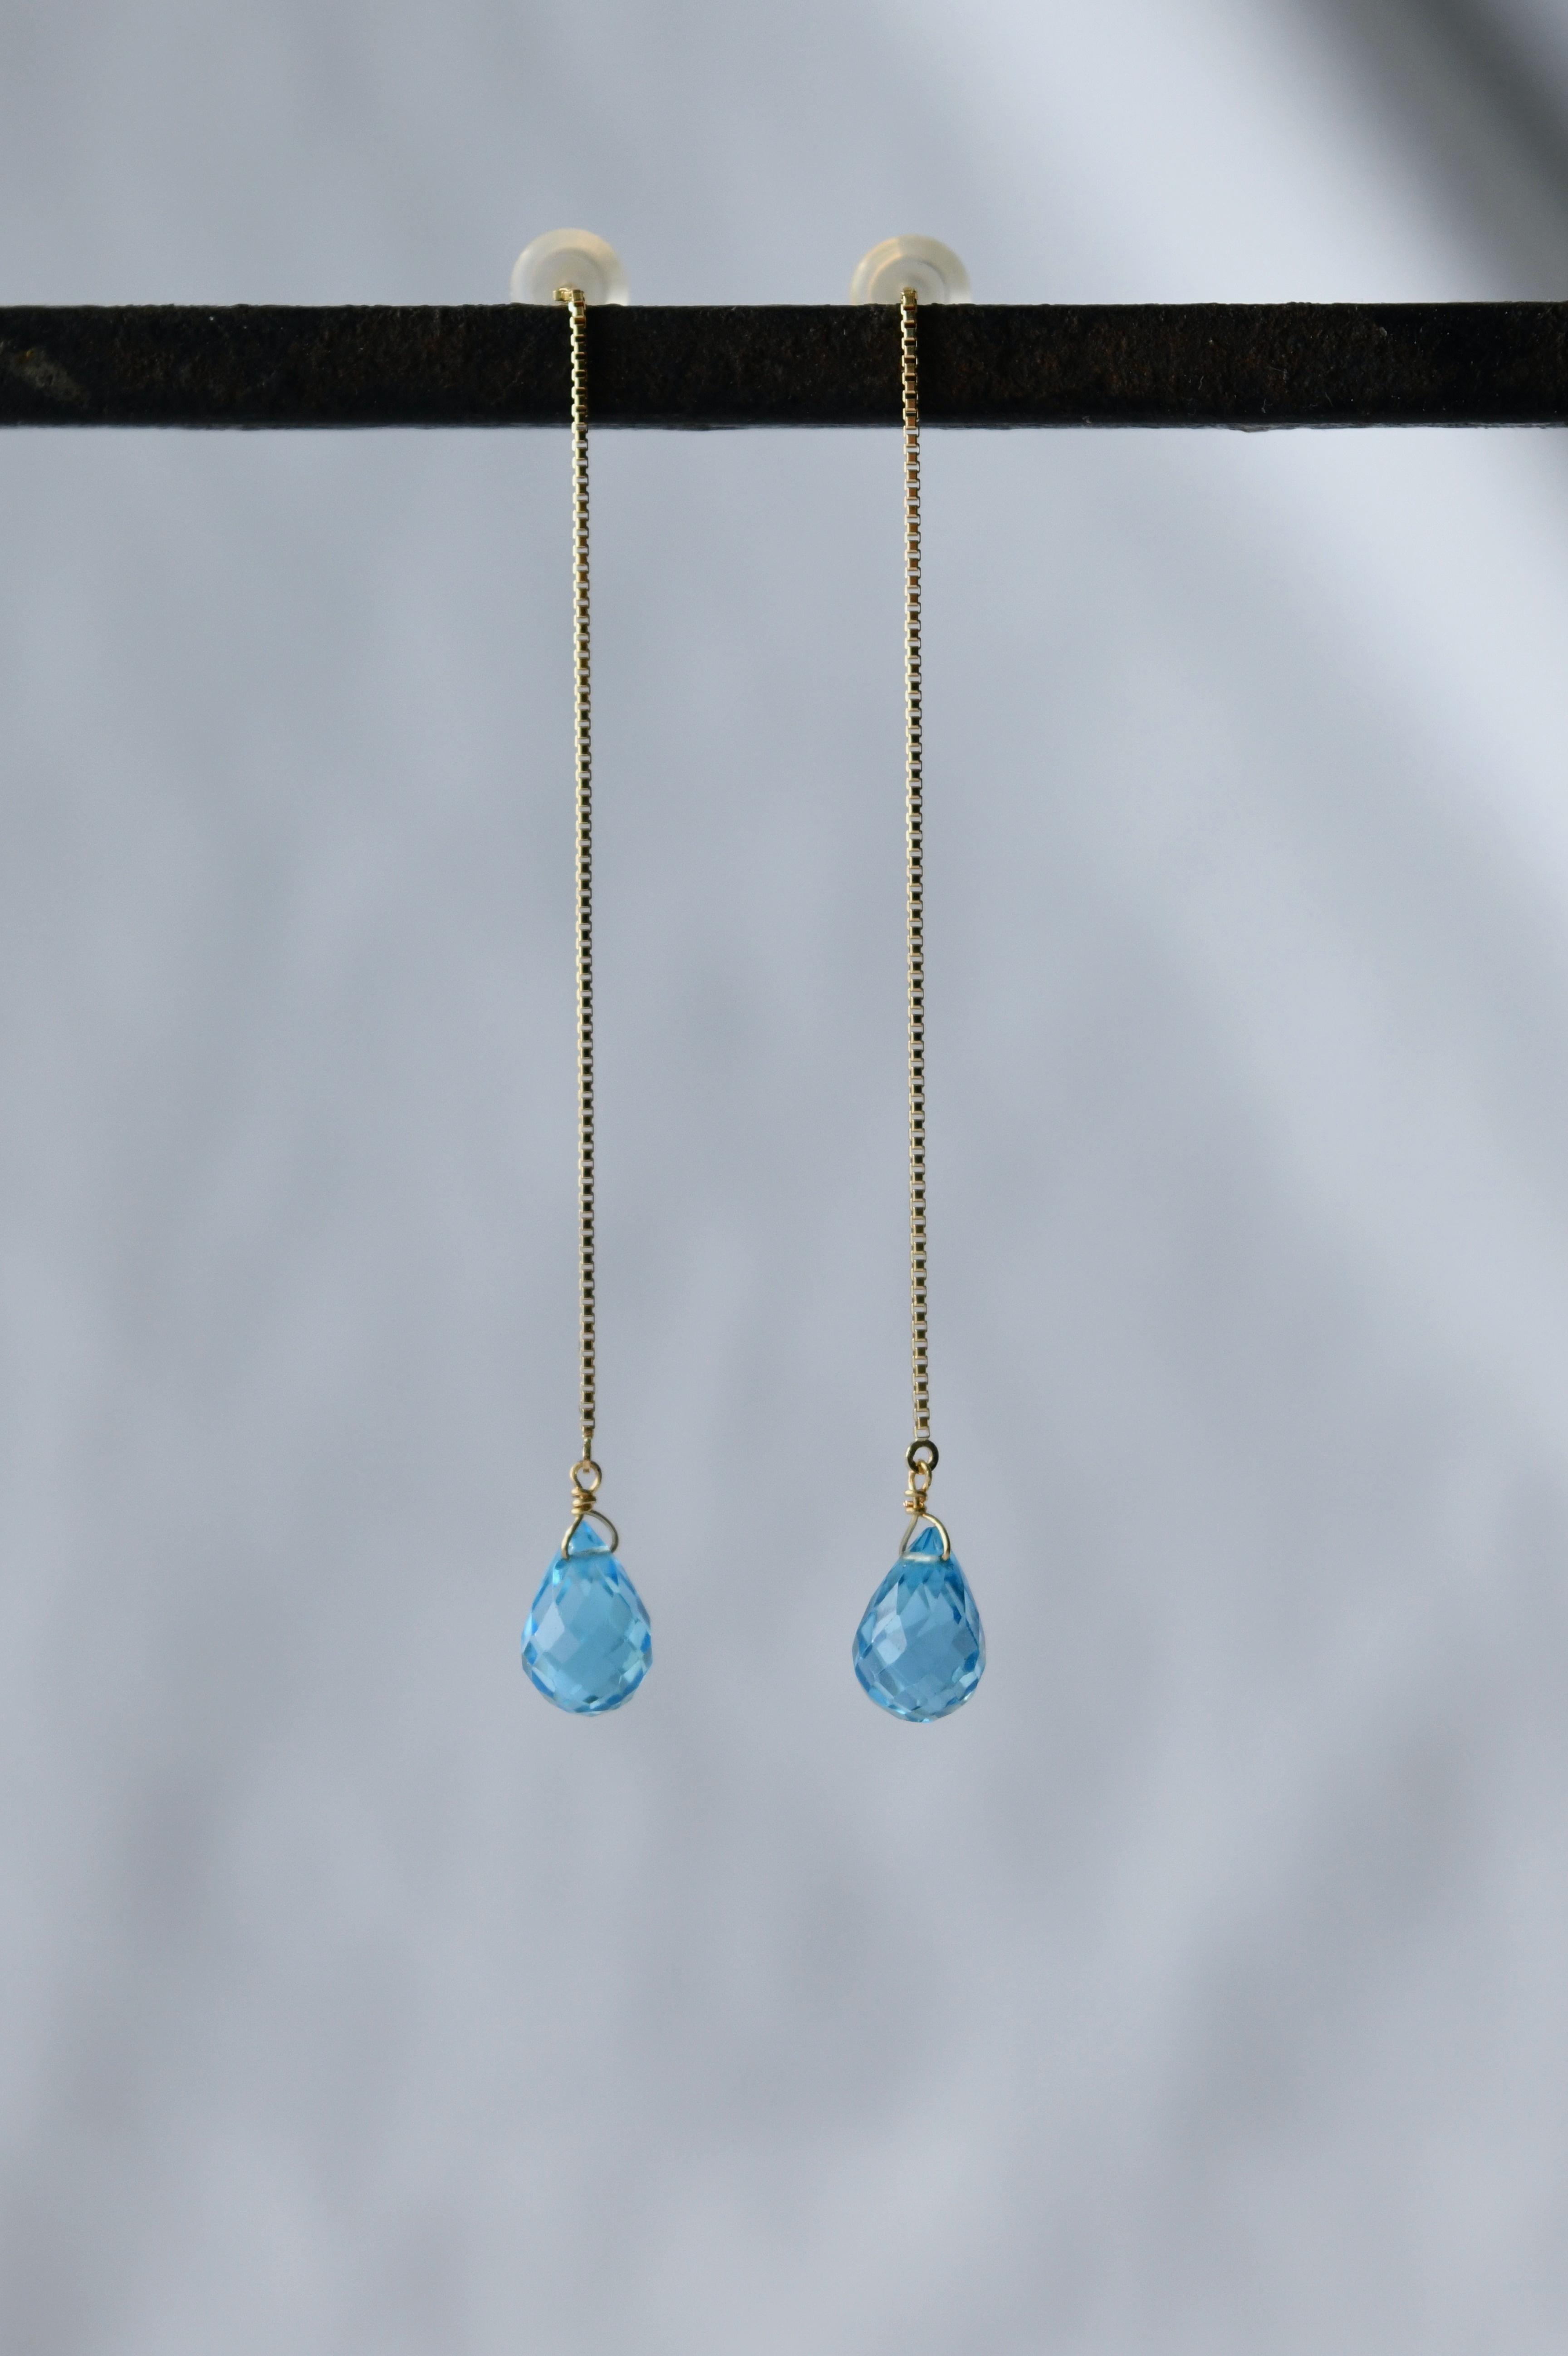 K18 Swiss Blue Topaz Chain Earrings 18金スイスブルートパーズチェーンピアス